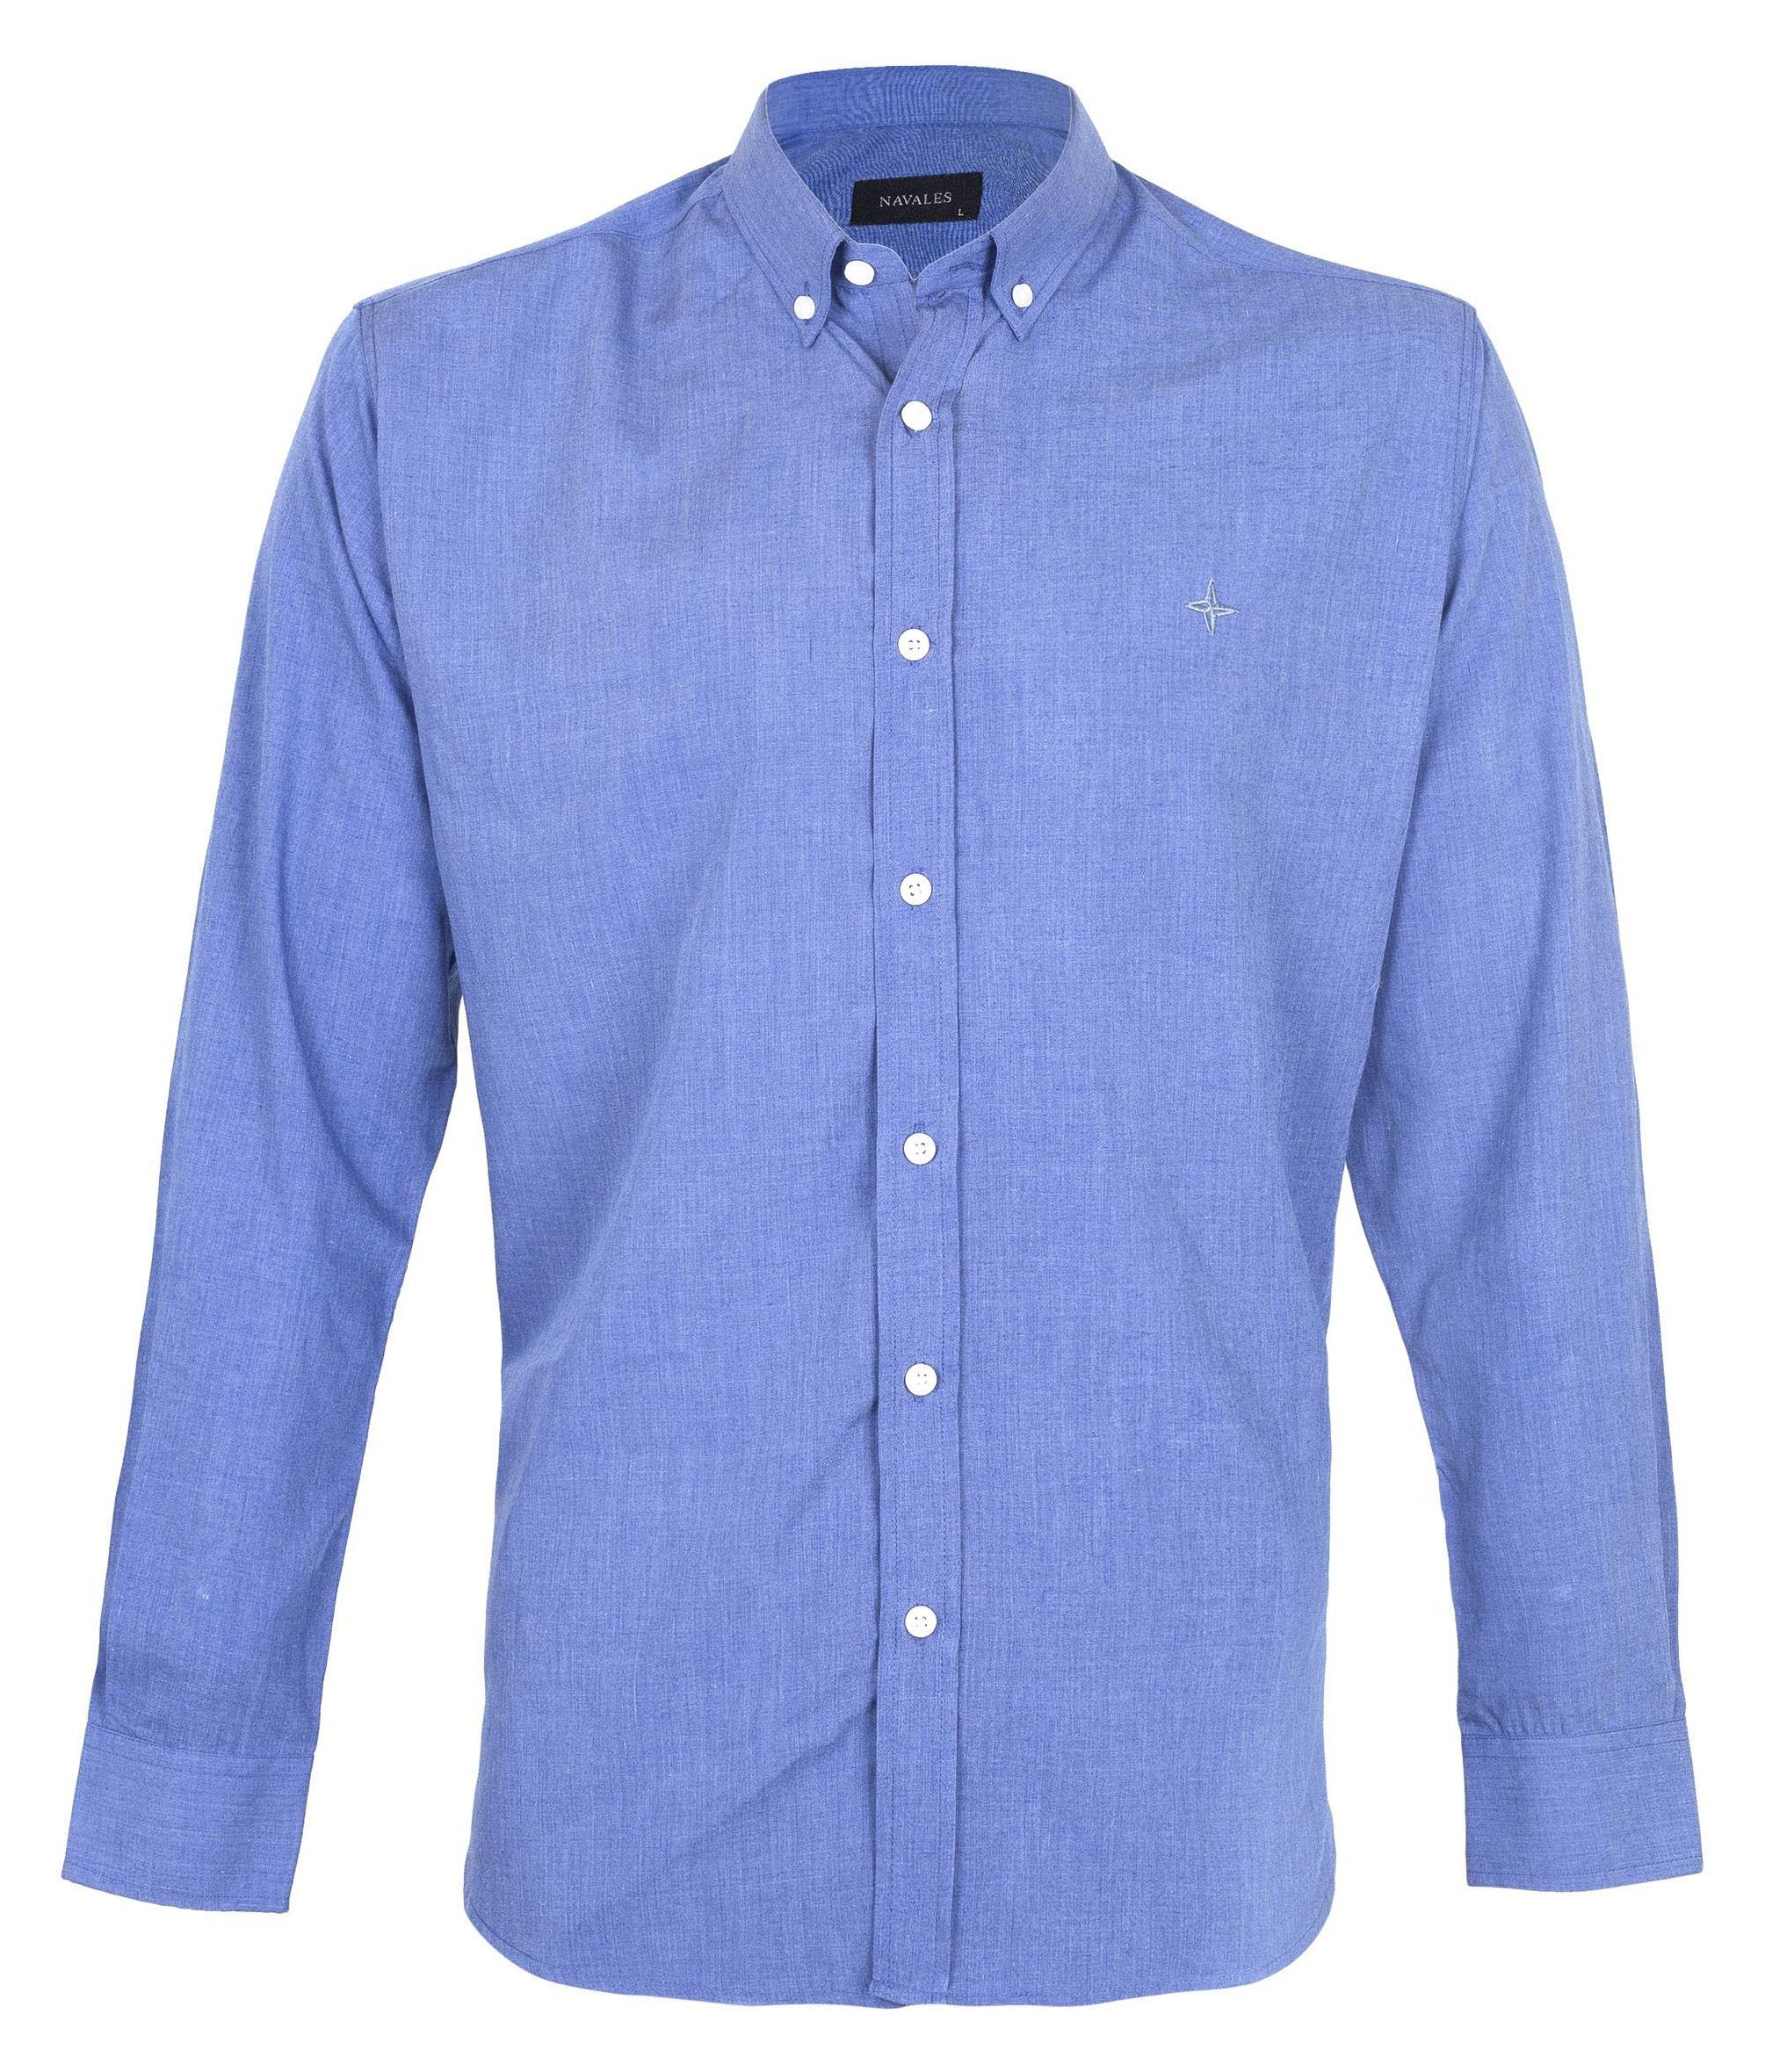 پیراهن مردانه ناوالس مدل regularfit2019_bu